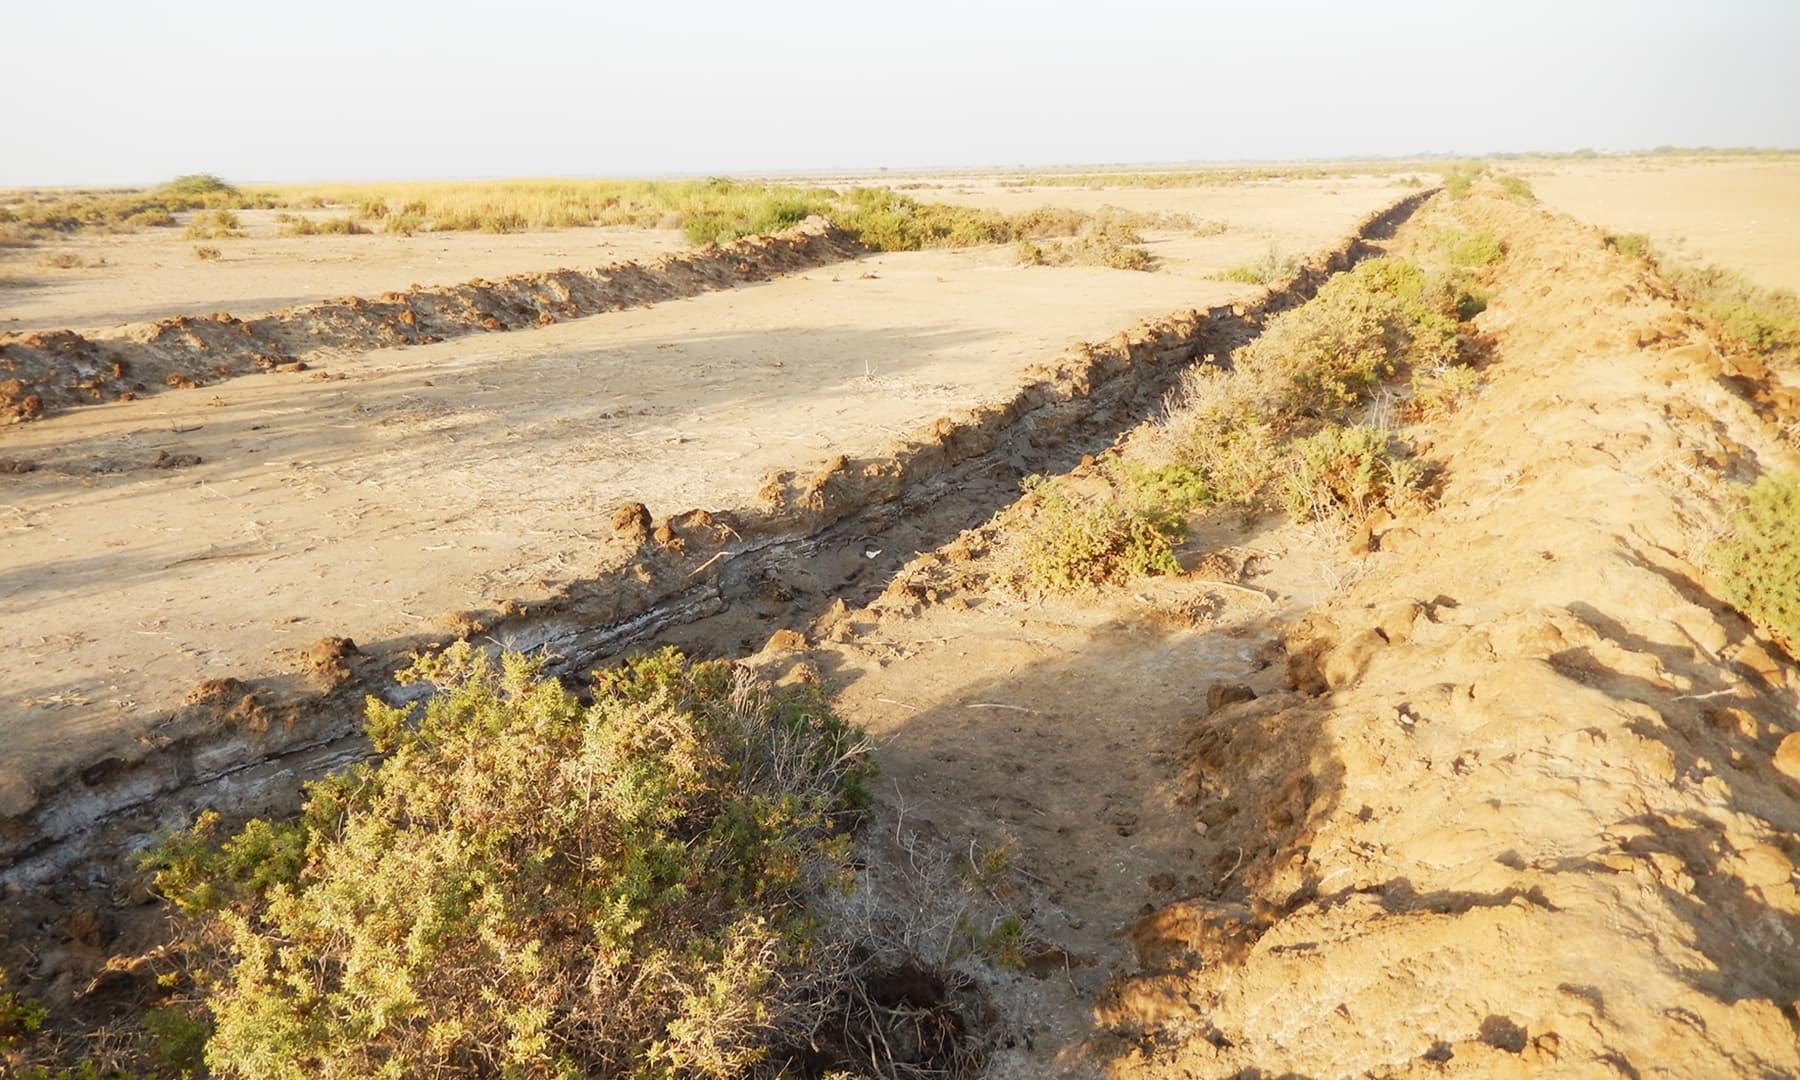 ڈیلٹا کی 35 لاکھ زرعی زمین یا تو سمندر نگل گیا ہے یا سمندر کے شوریدہ پانی کی وجہ سے زمینوں نے اپنی زرخیزی گنوادی ہے—تصویر ابوبکر شیخ